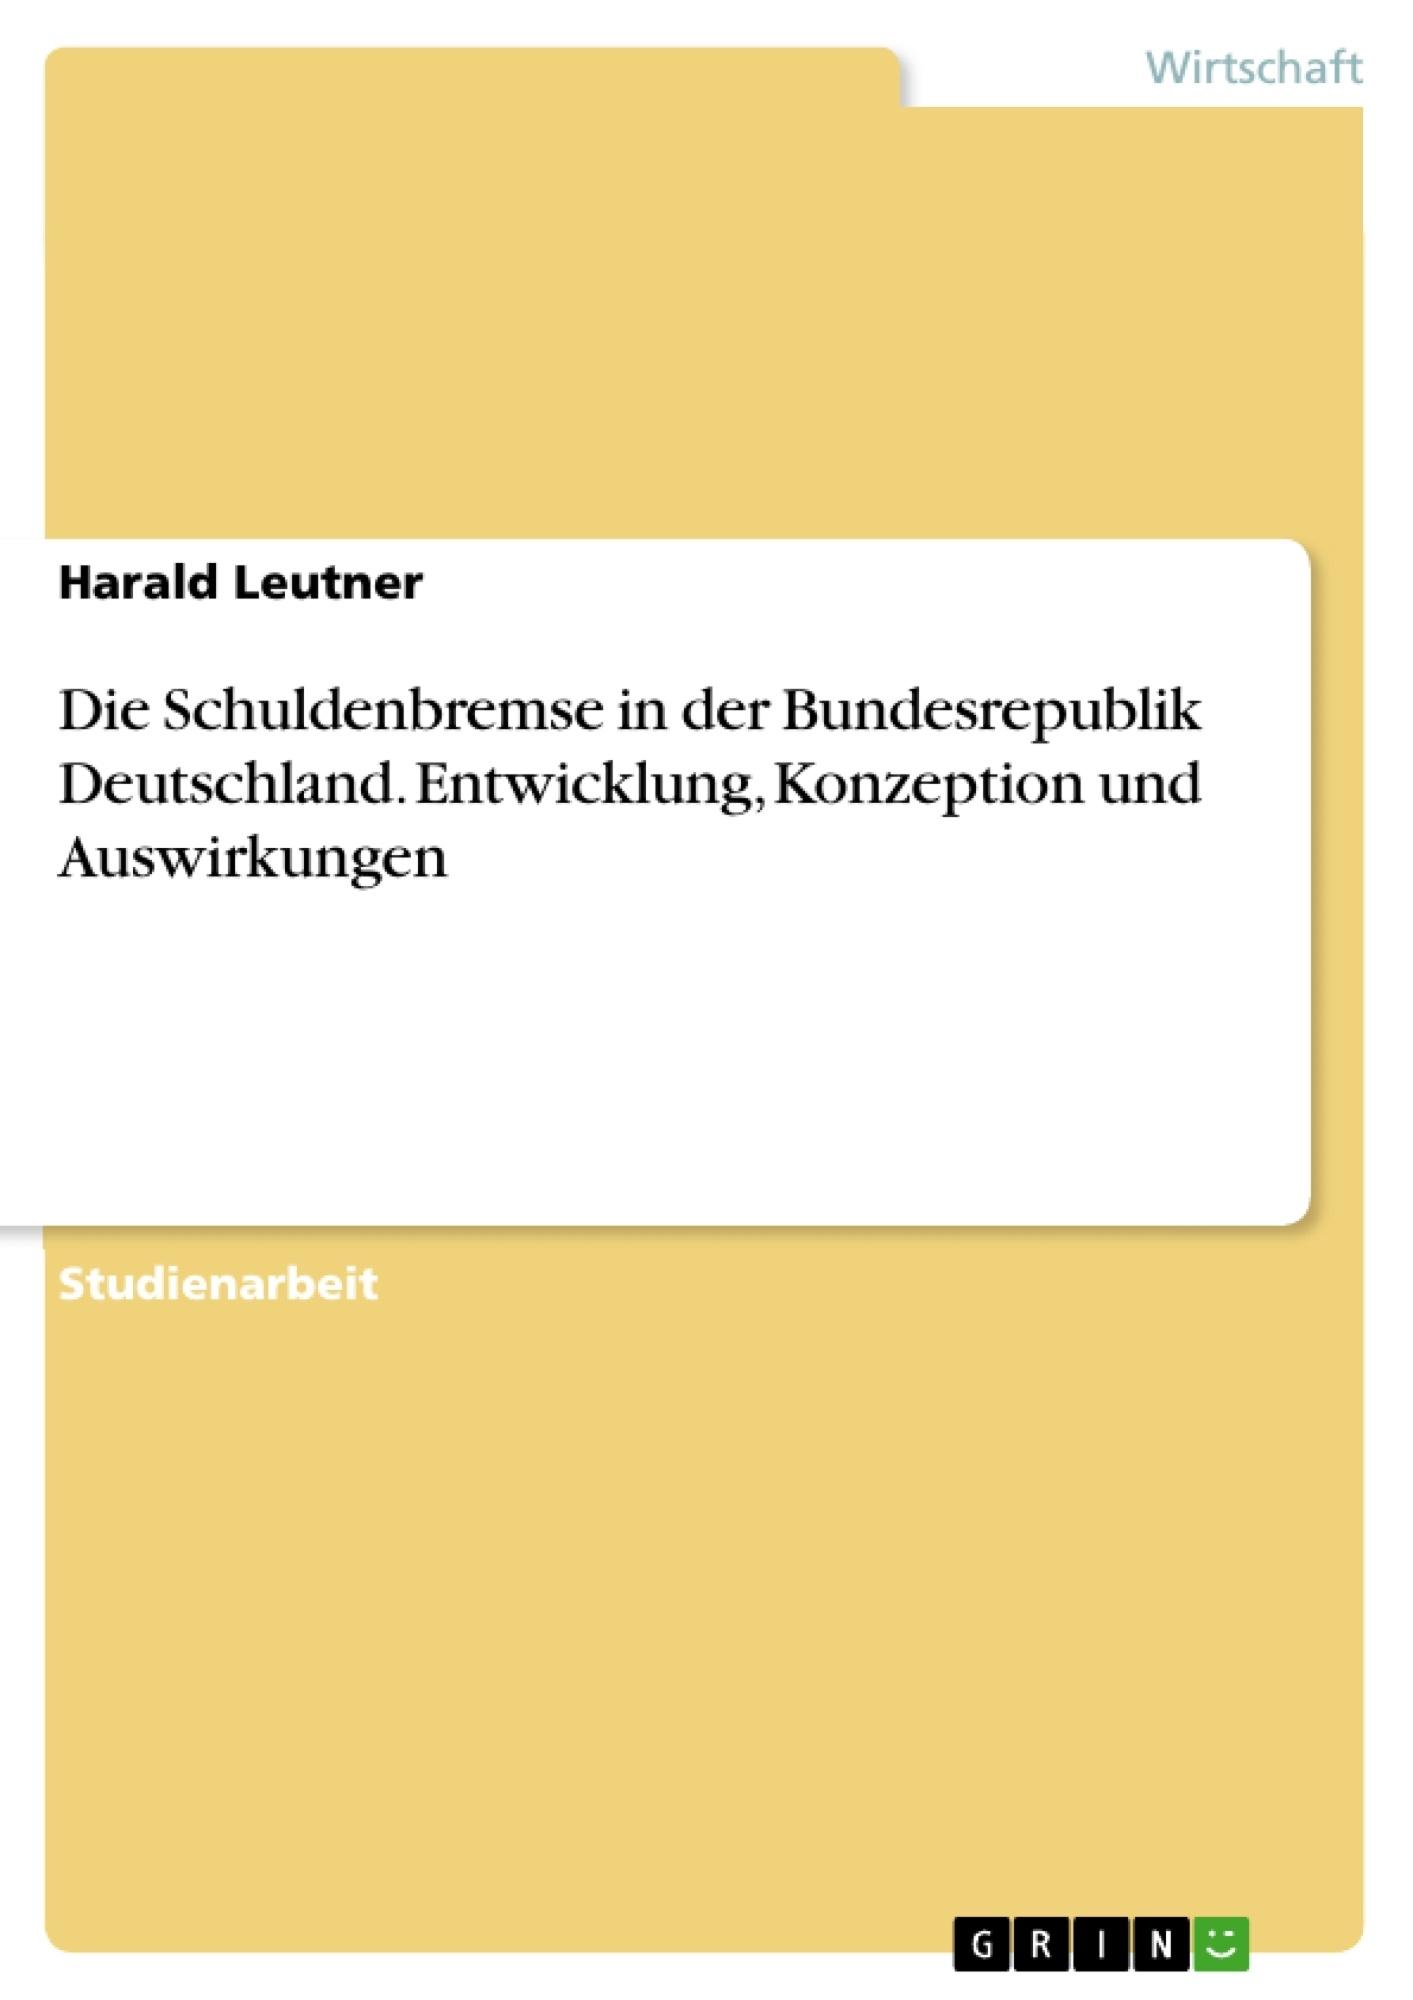 Titel: Die Schuldenbremse in der Bundesrepublik Deutschland. Entwicklung, Konzeption und Auswirkungen